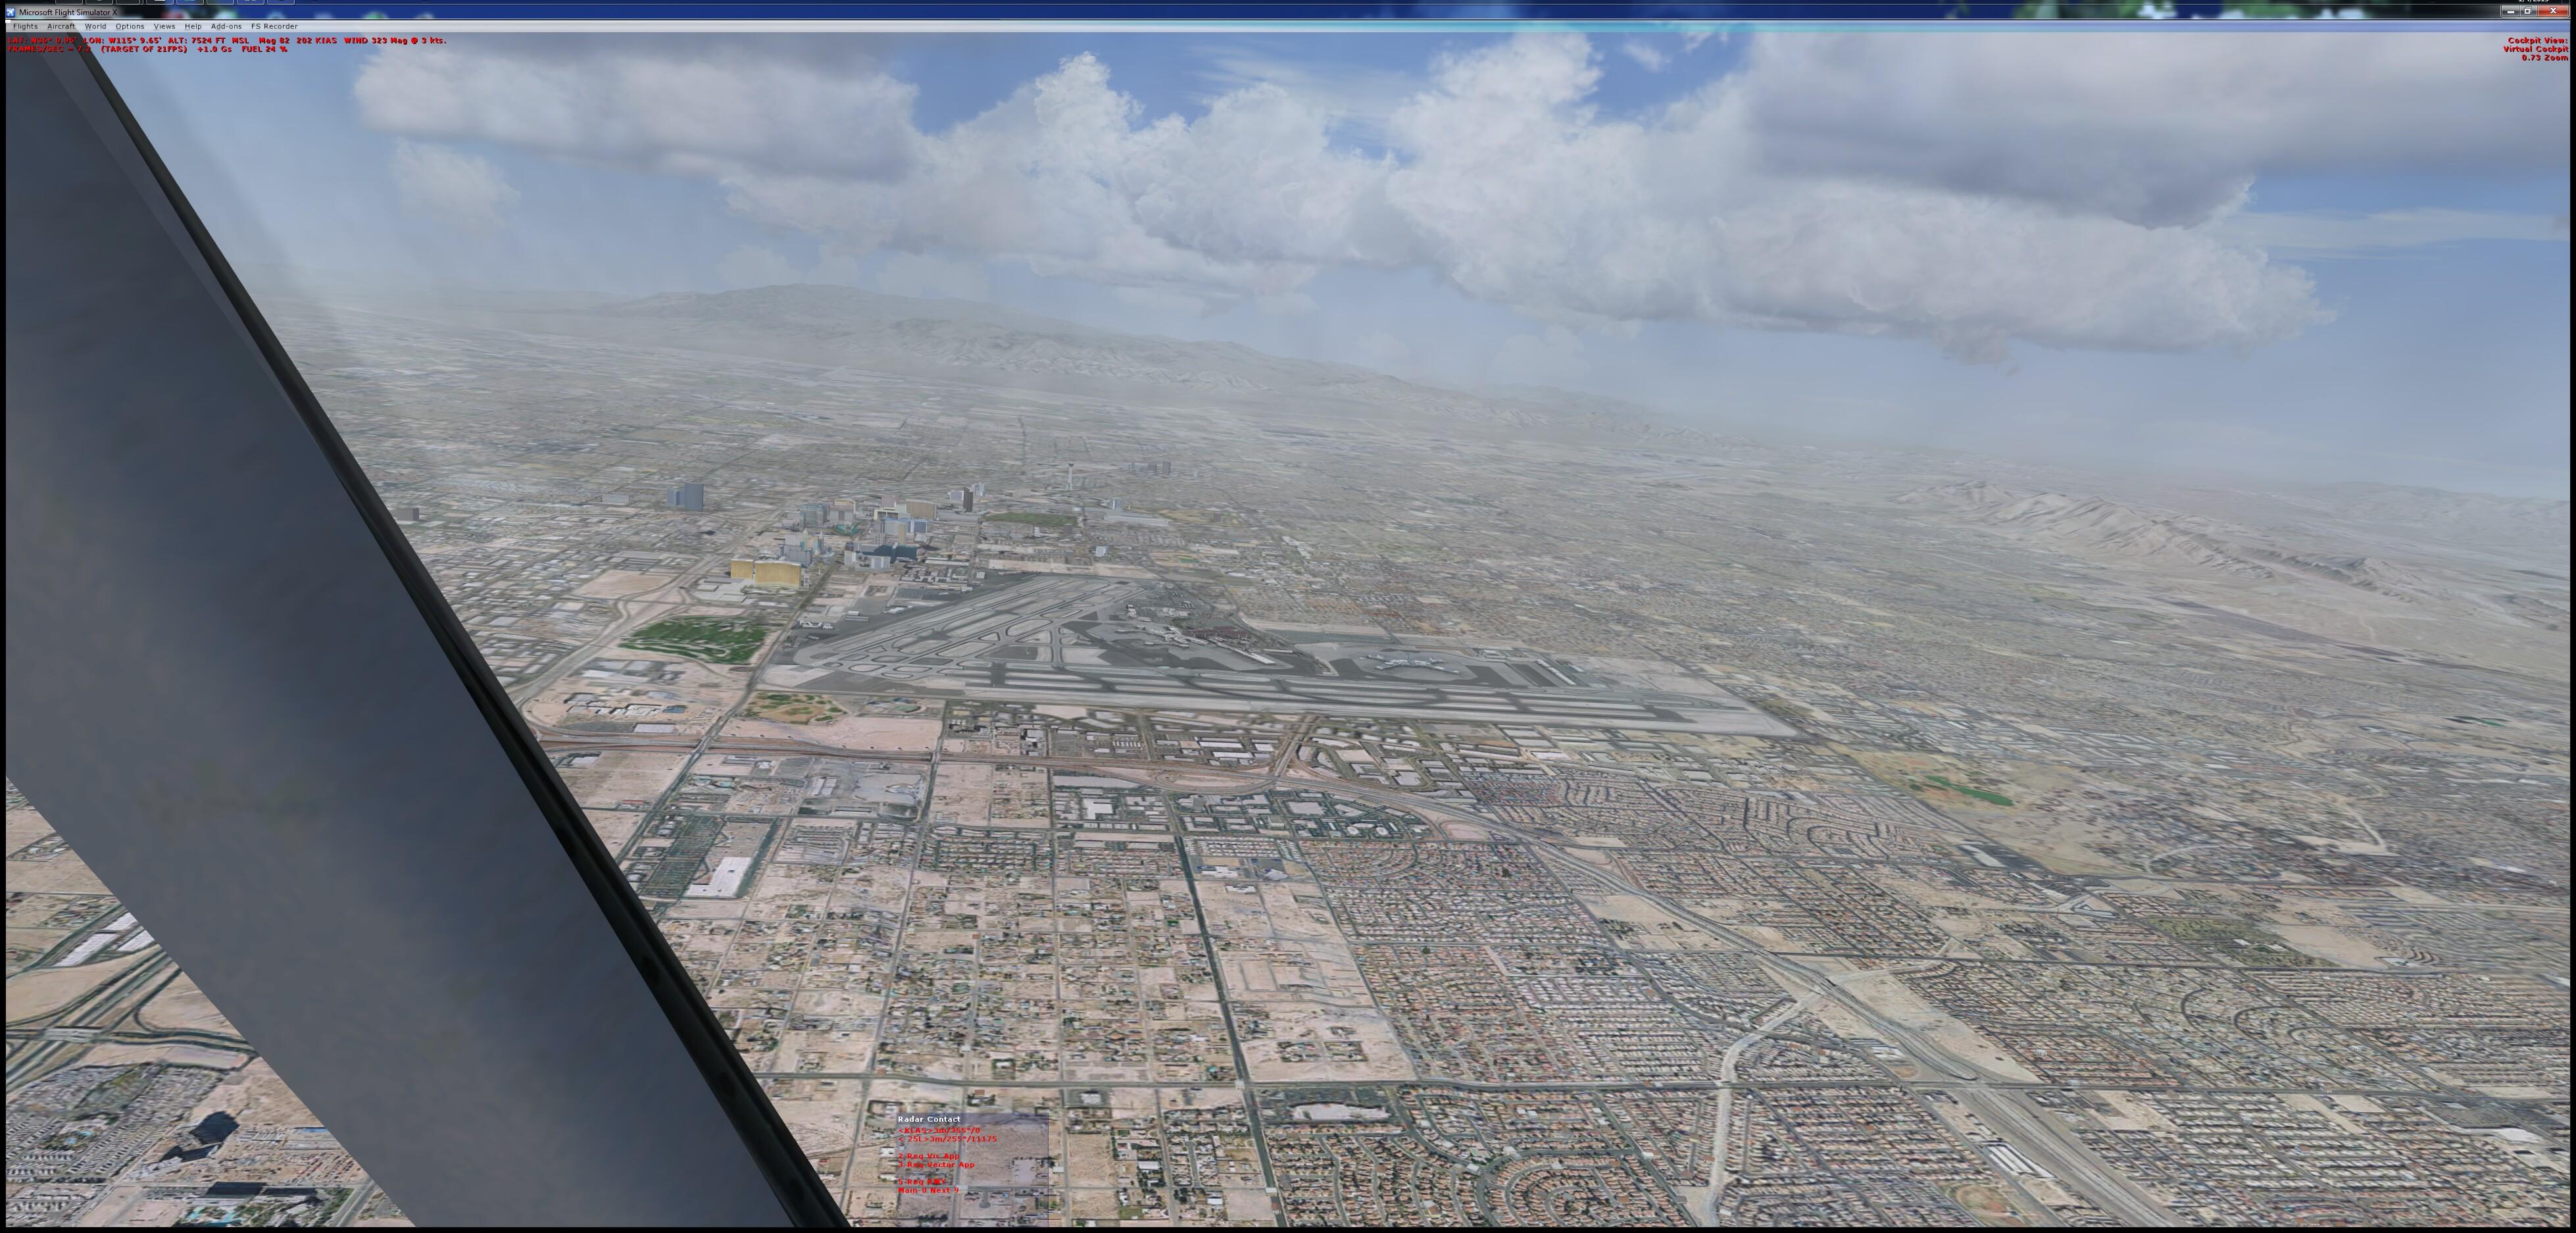 ScreenshotsKLAX-KLAS-22.jpg